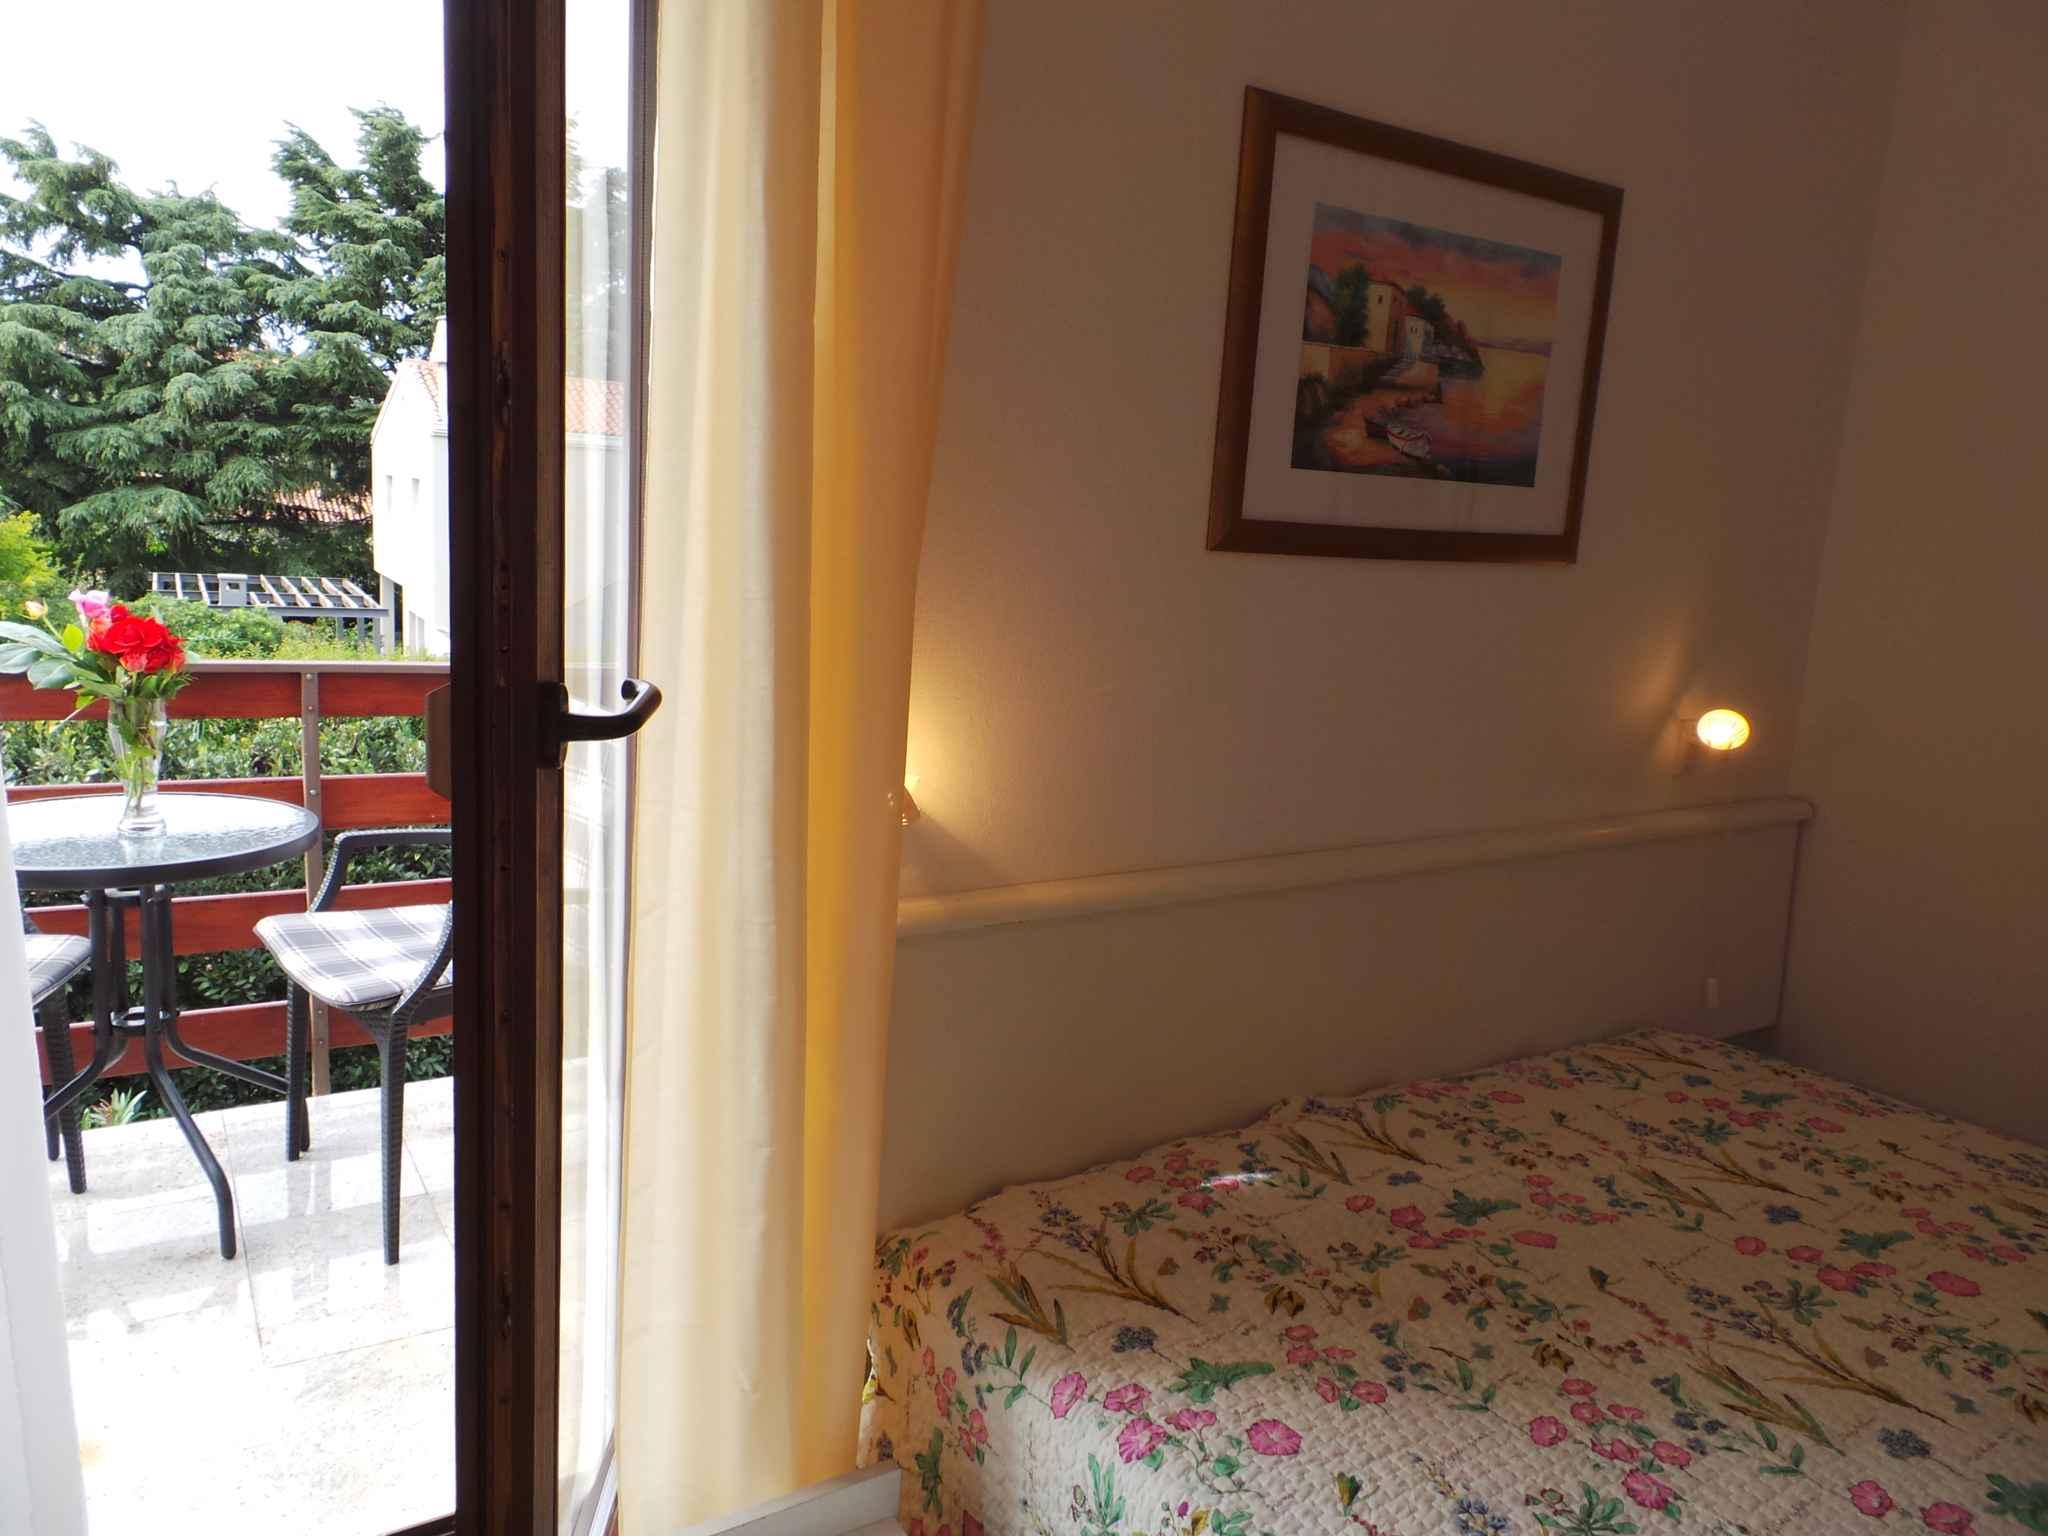 Ferienwohnung mit 2 Balkons (280344), Porec, , Istrien, Kroatien, Bild 12